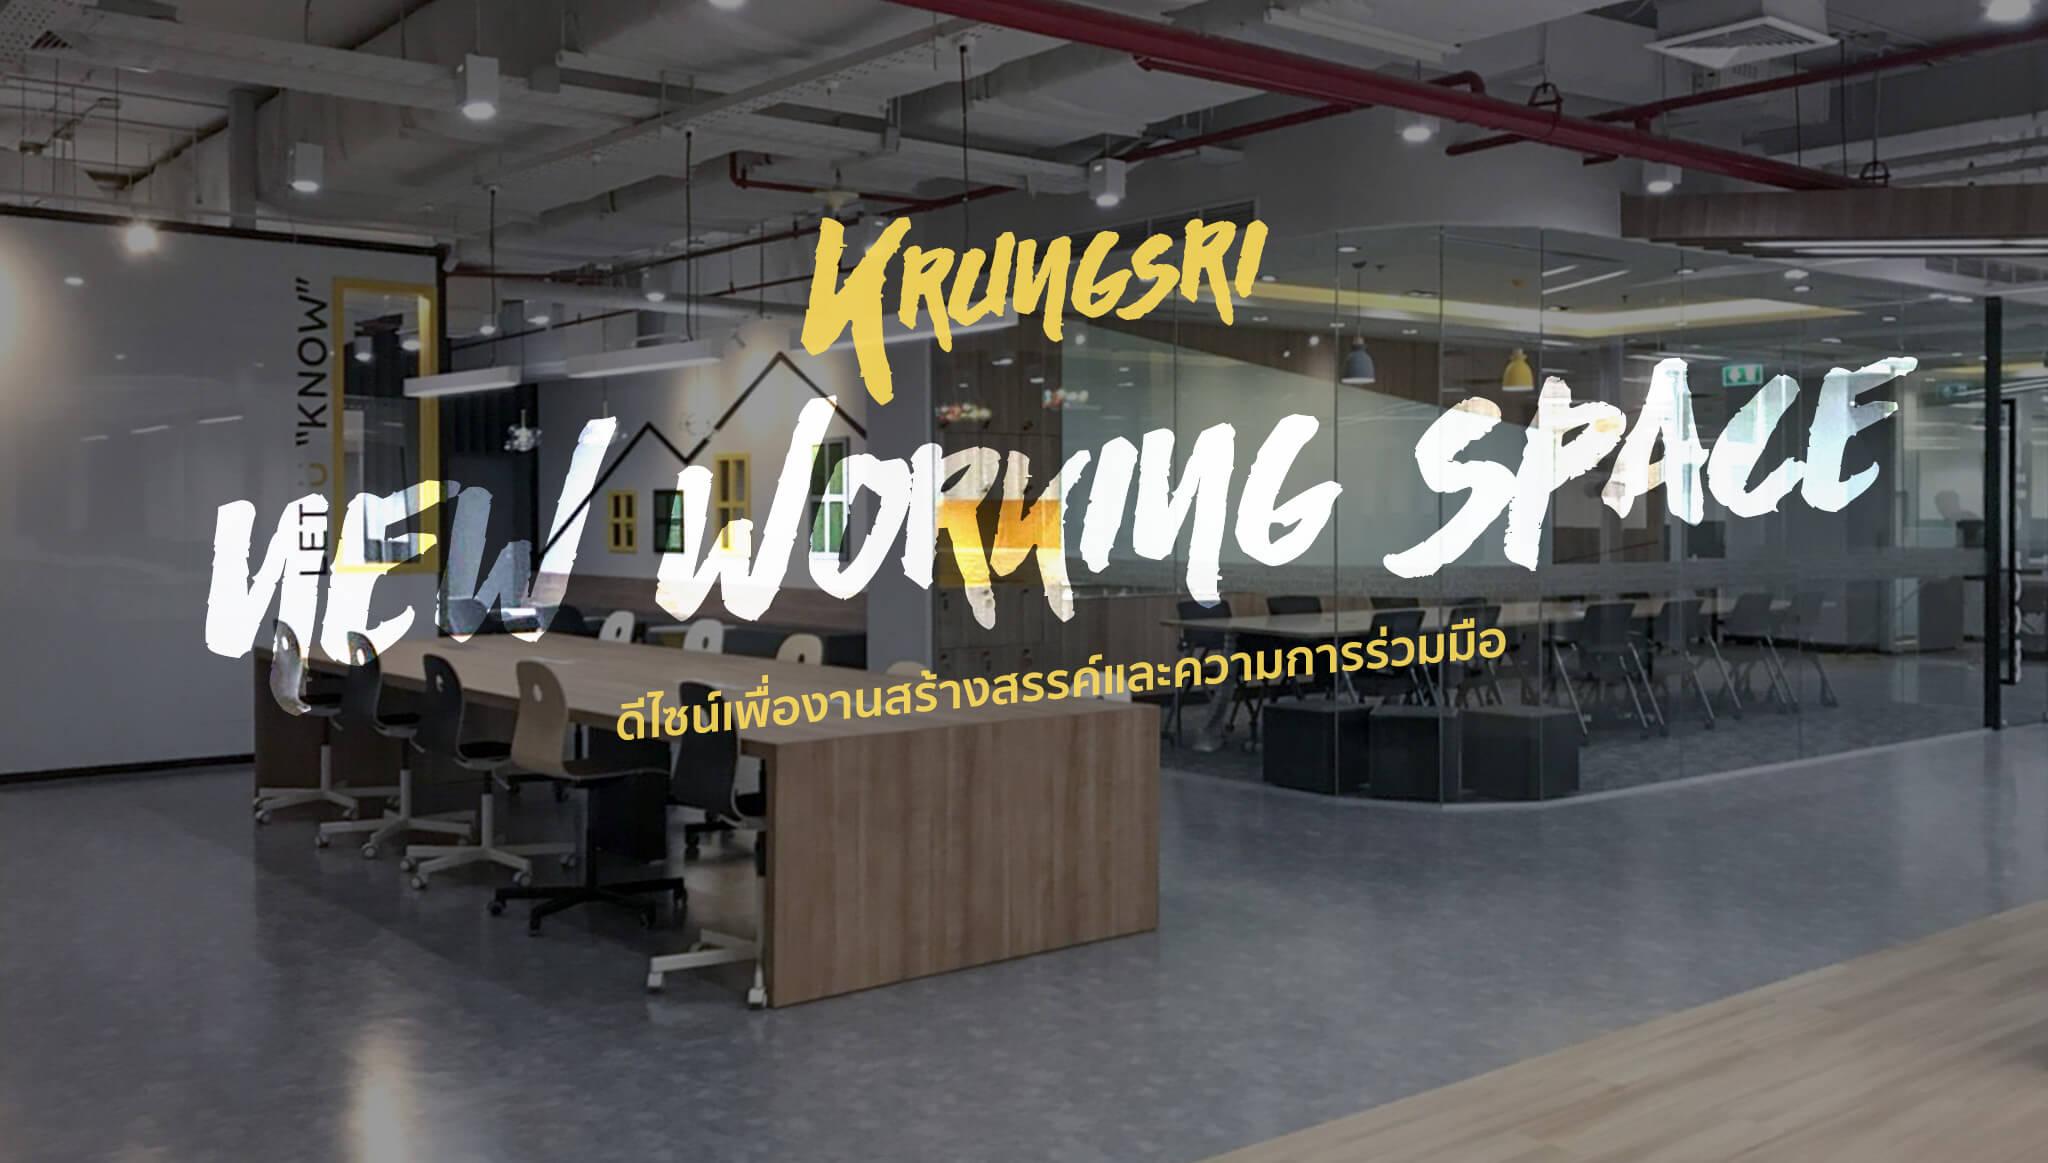 """ออฟฟิศแนวคิดใหม่ สุดฮิปของชาวกรุงศรีฯ ในสไตล์ """"Co-Working Space ที่ให้งาน Finish แบบไม่ติดสตั้นท์"""" 13 - Bank"""